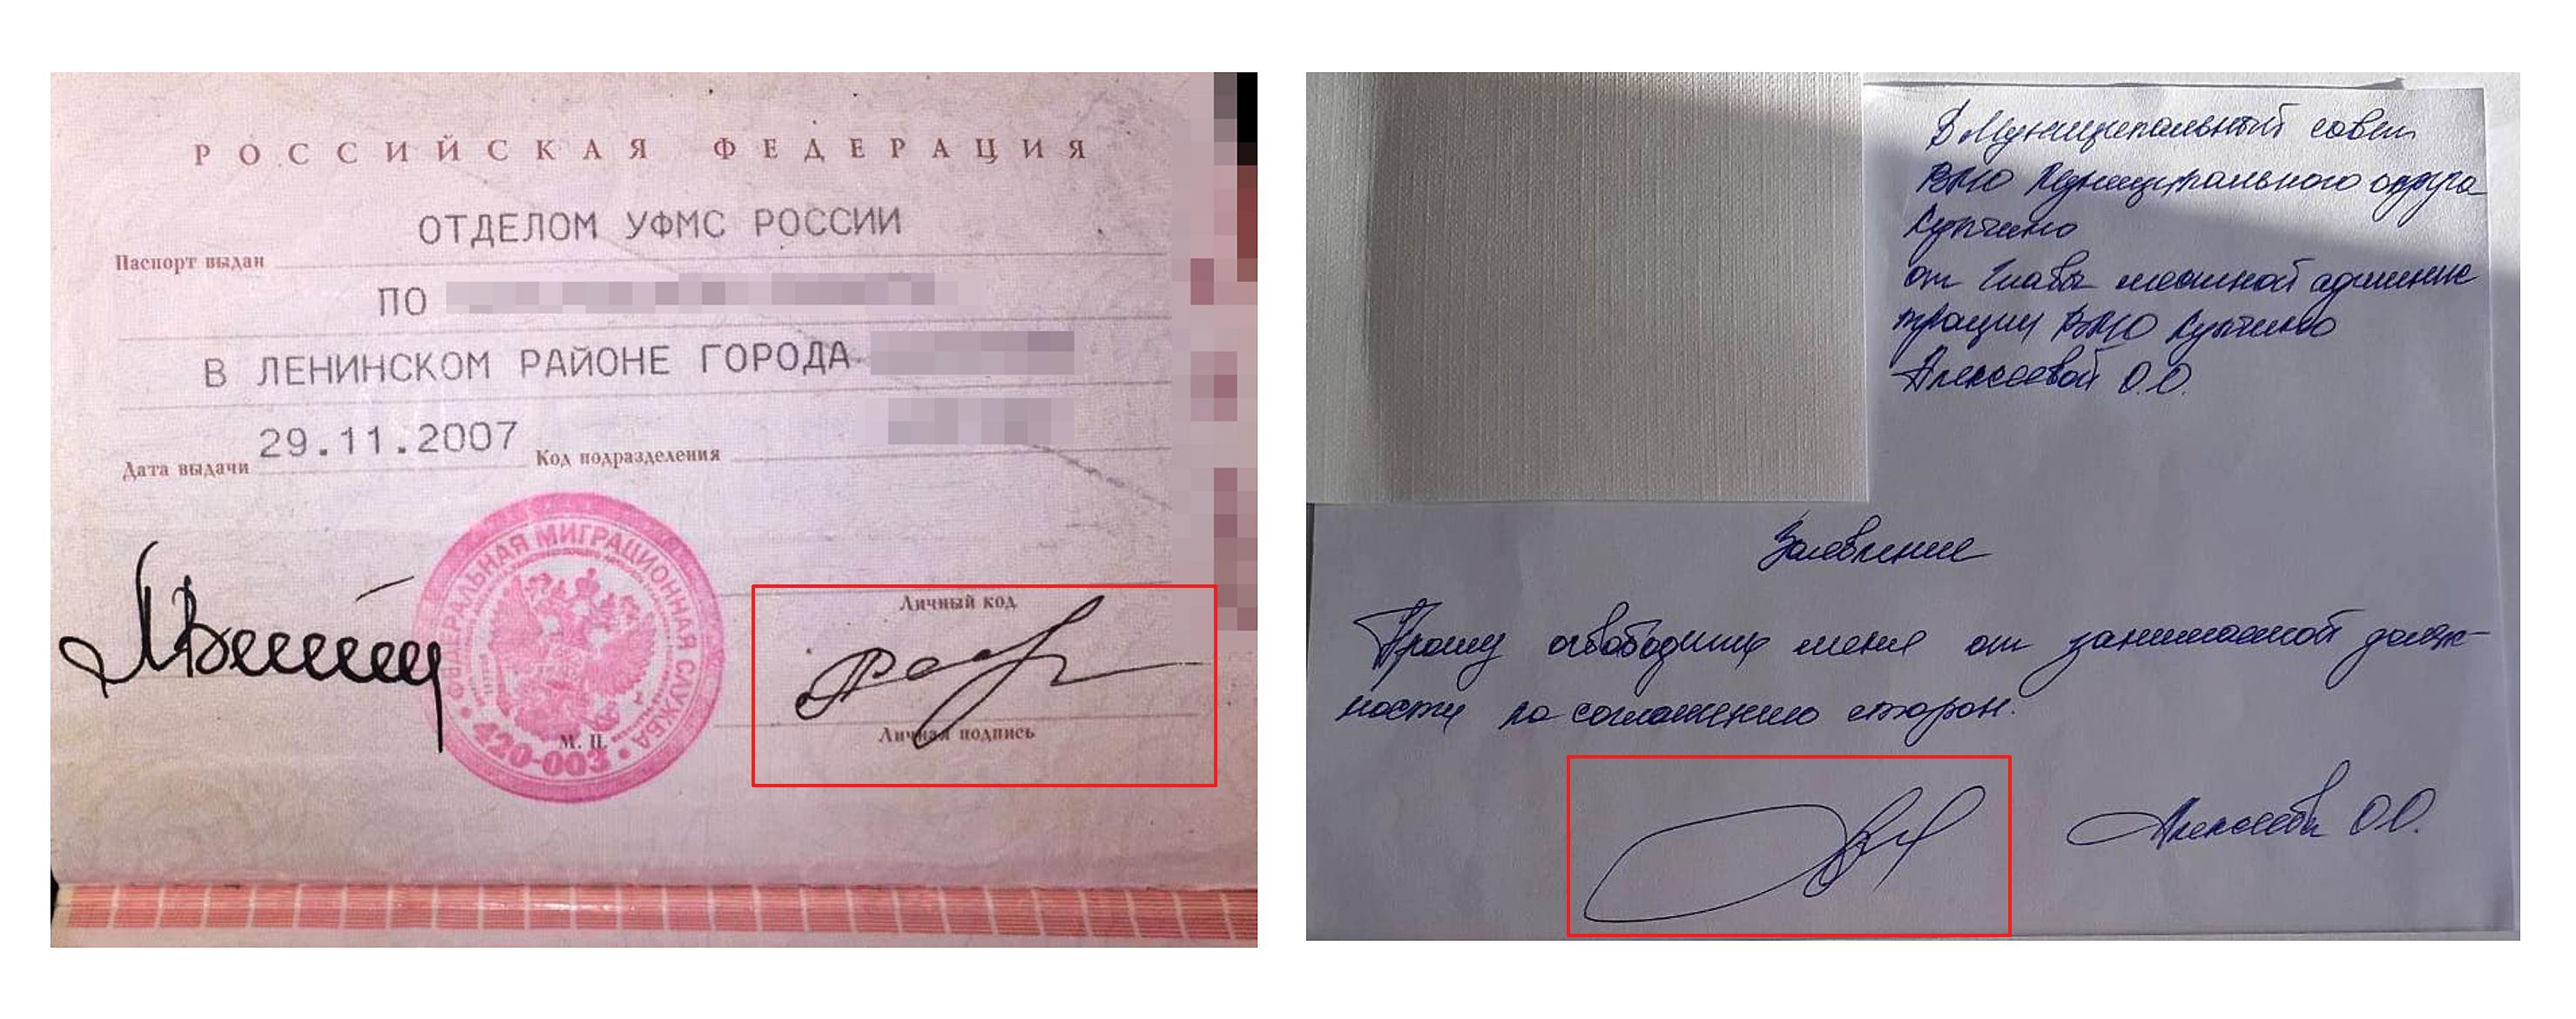 фото паспорта предоставлено Ольгой Алексеевой, заявление — муниципальным советом Купчино